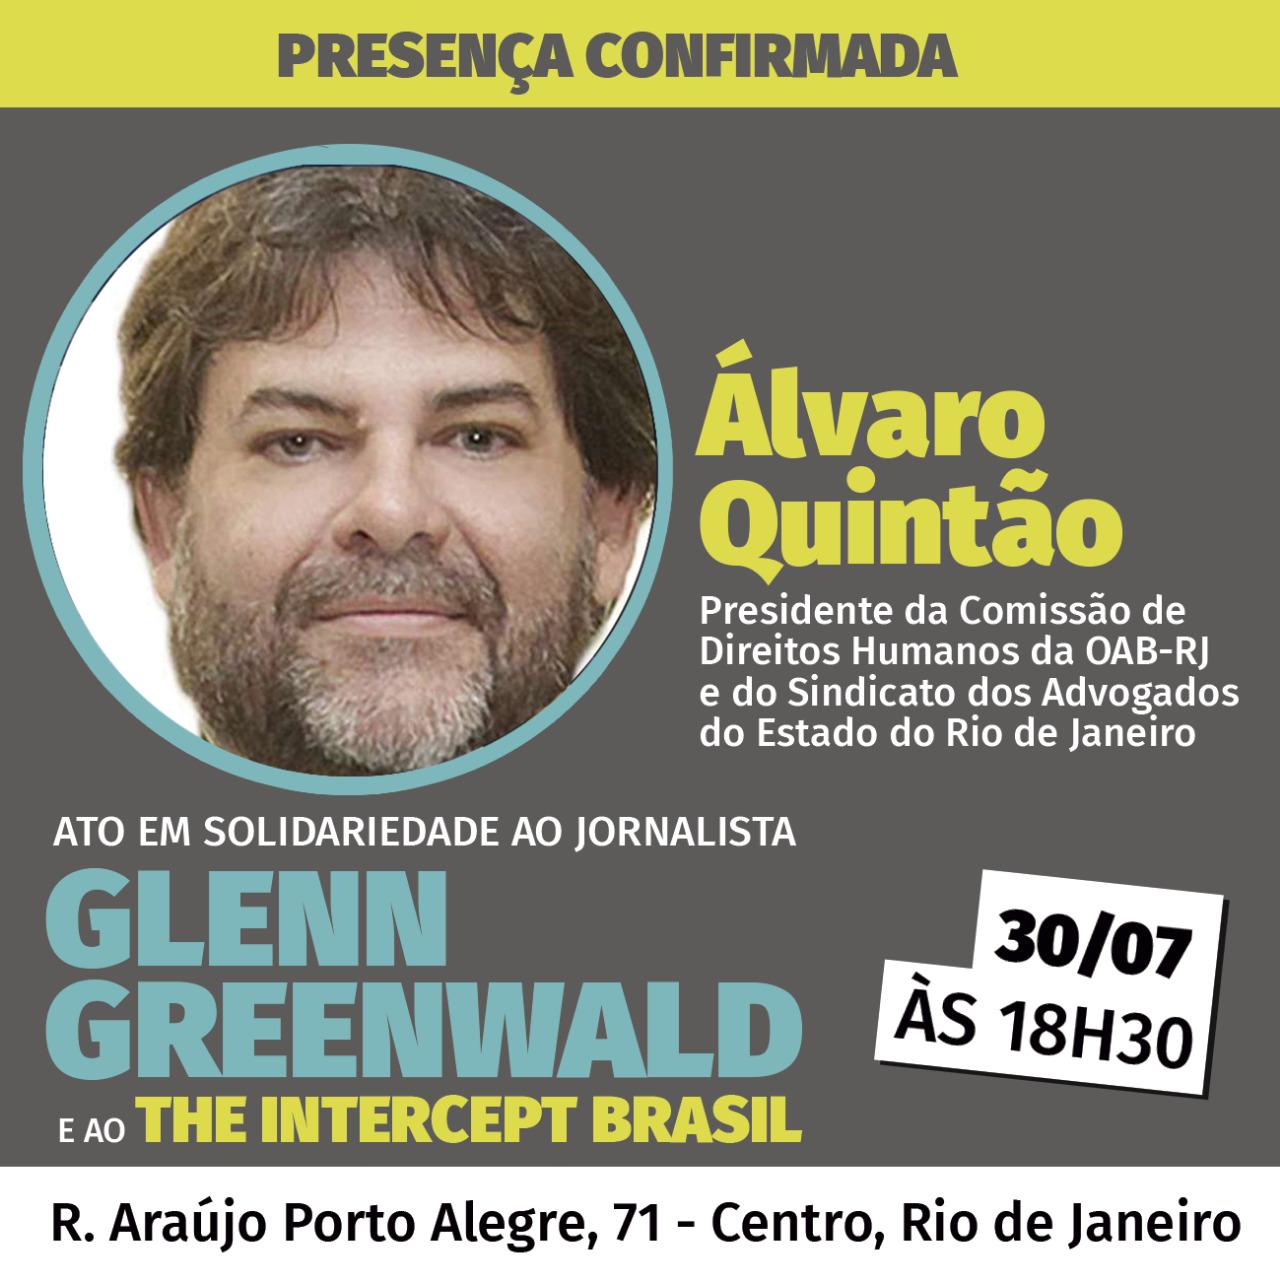 ABI organiza ato em defesa de Glenn Greenwald e da liberdade de imprensa